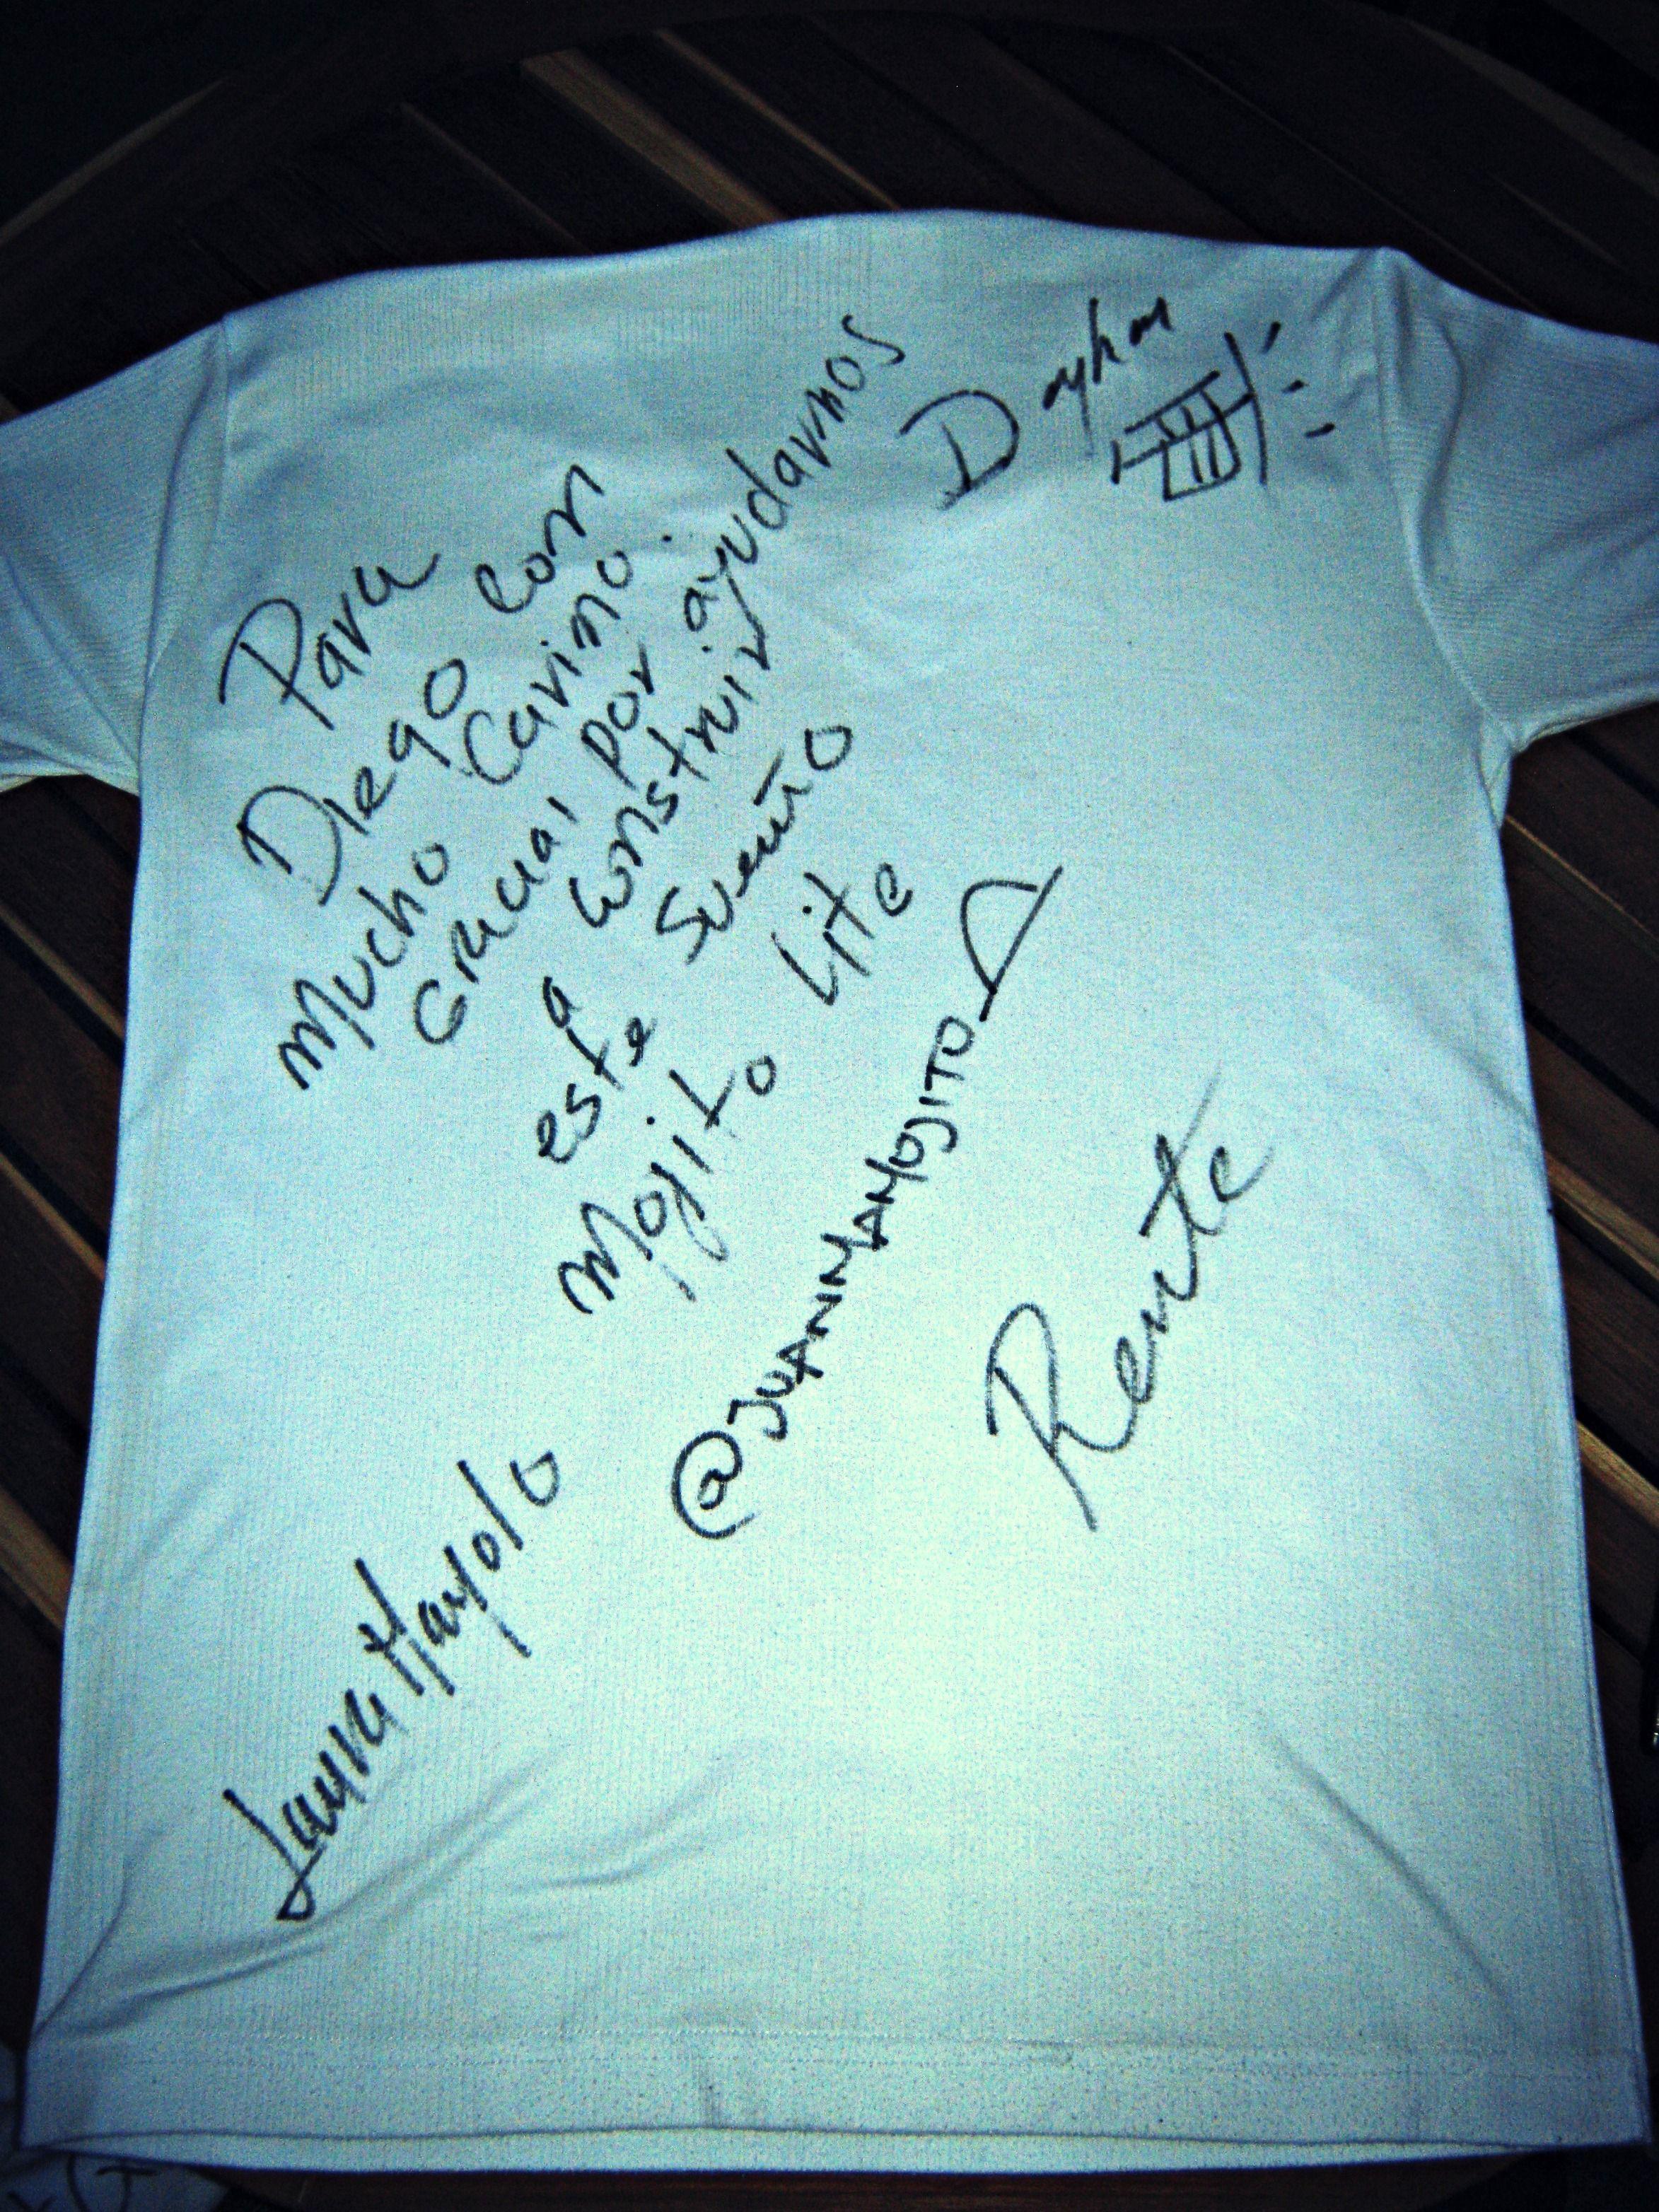 Camiseta autografiada y con dedicatoria!